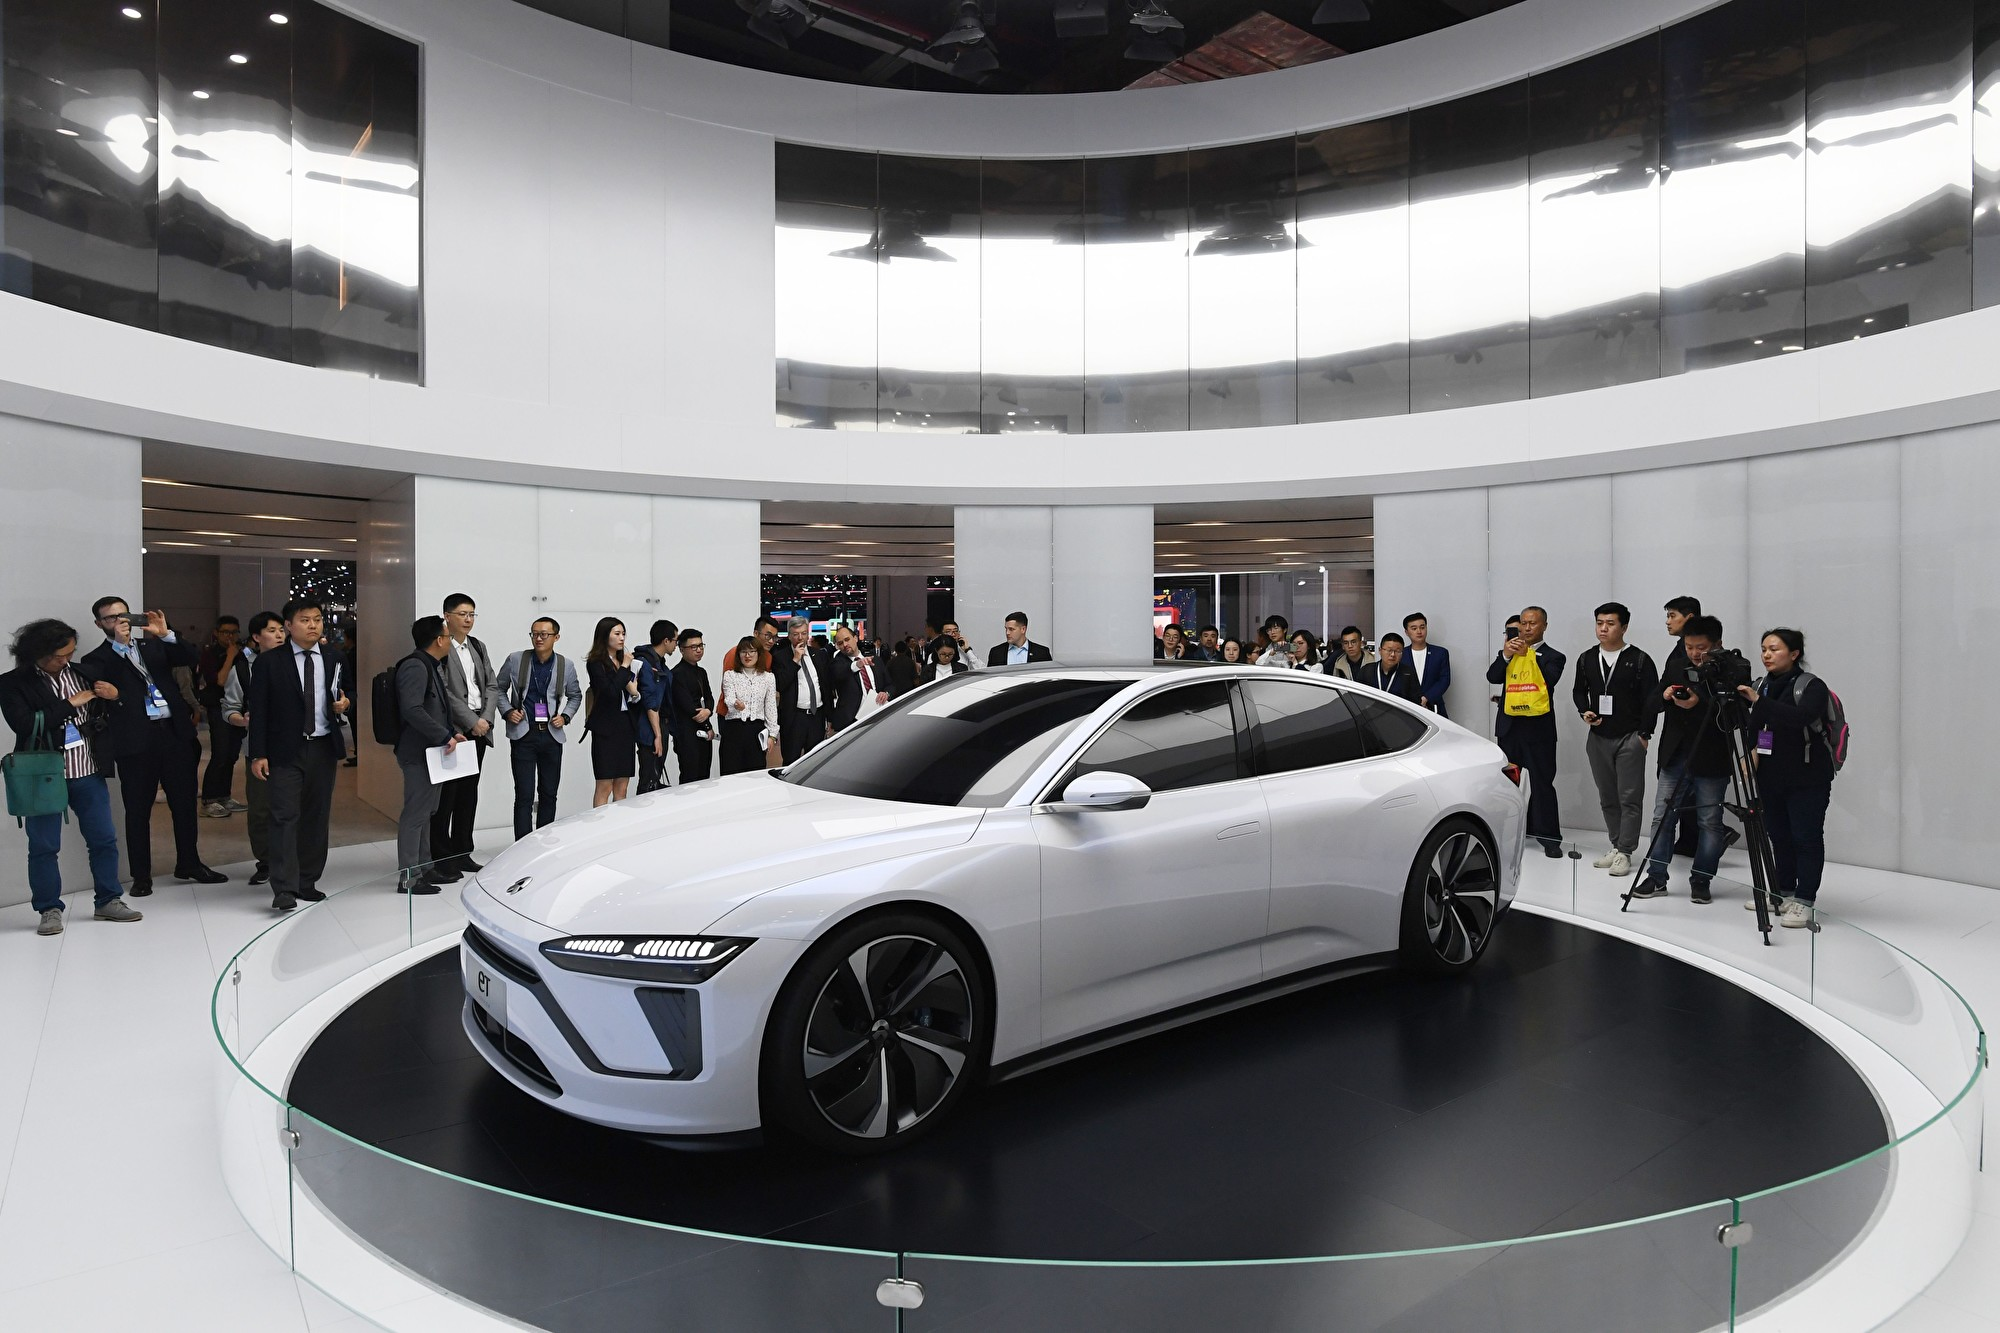 蔚來汽車今年第二季度淨虧損32.85億元人民幣,蔚來自2014年成立以來,累計虧損達400億元。圖為2019年4月16日在上海車展開幕上的蔚來ET7(未上市)汽車。 (GREG BAKER/AFP/Getty Images)